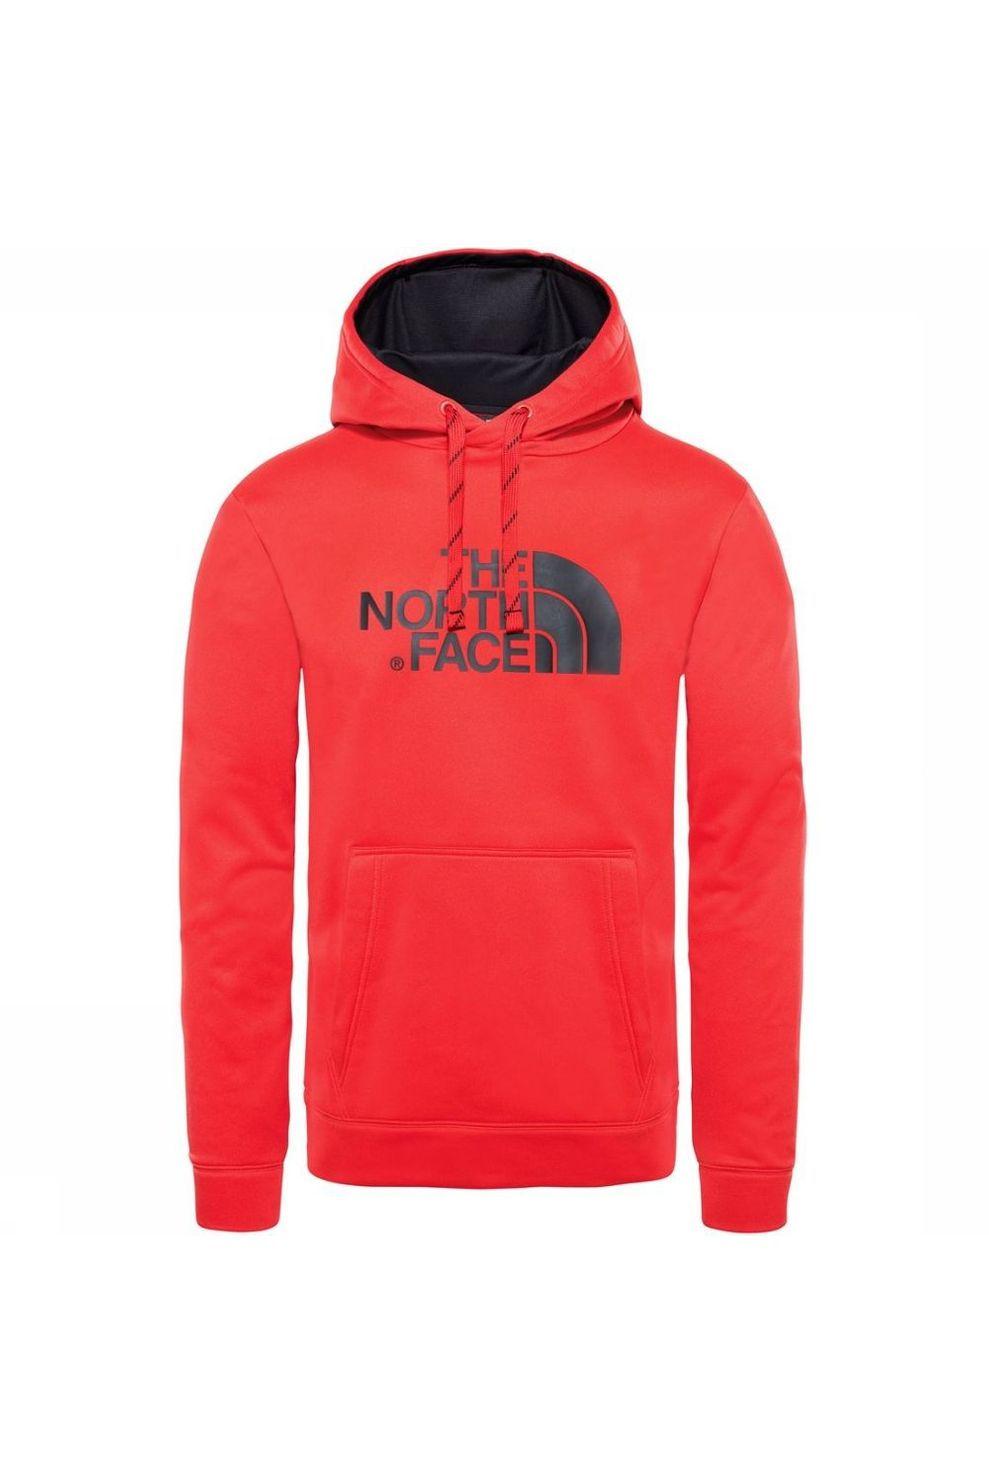 The North Face Trui Surgent Halfdome Po Hoodie voor heren - Rood - Maten: S, M, L, XL